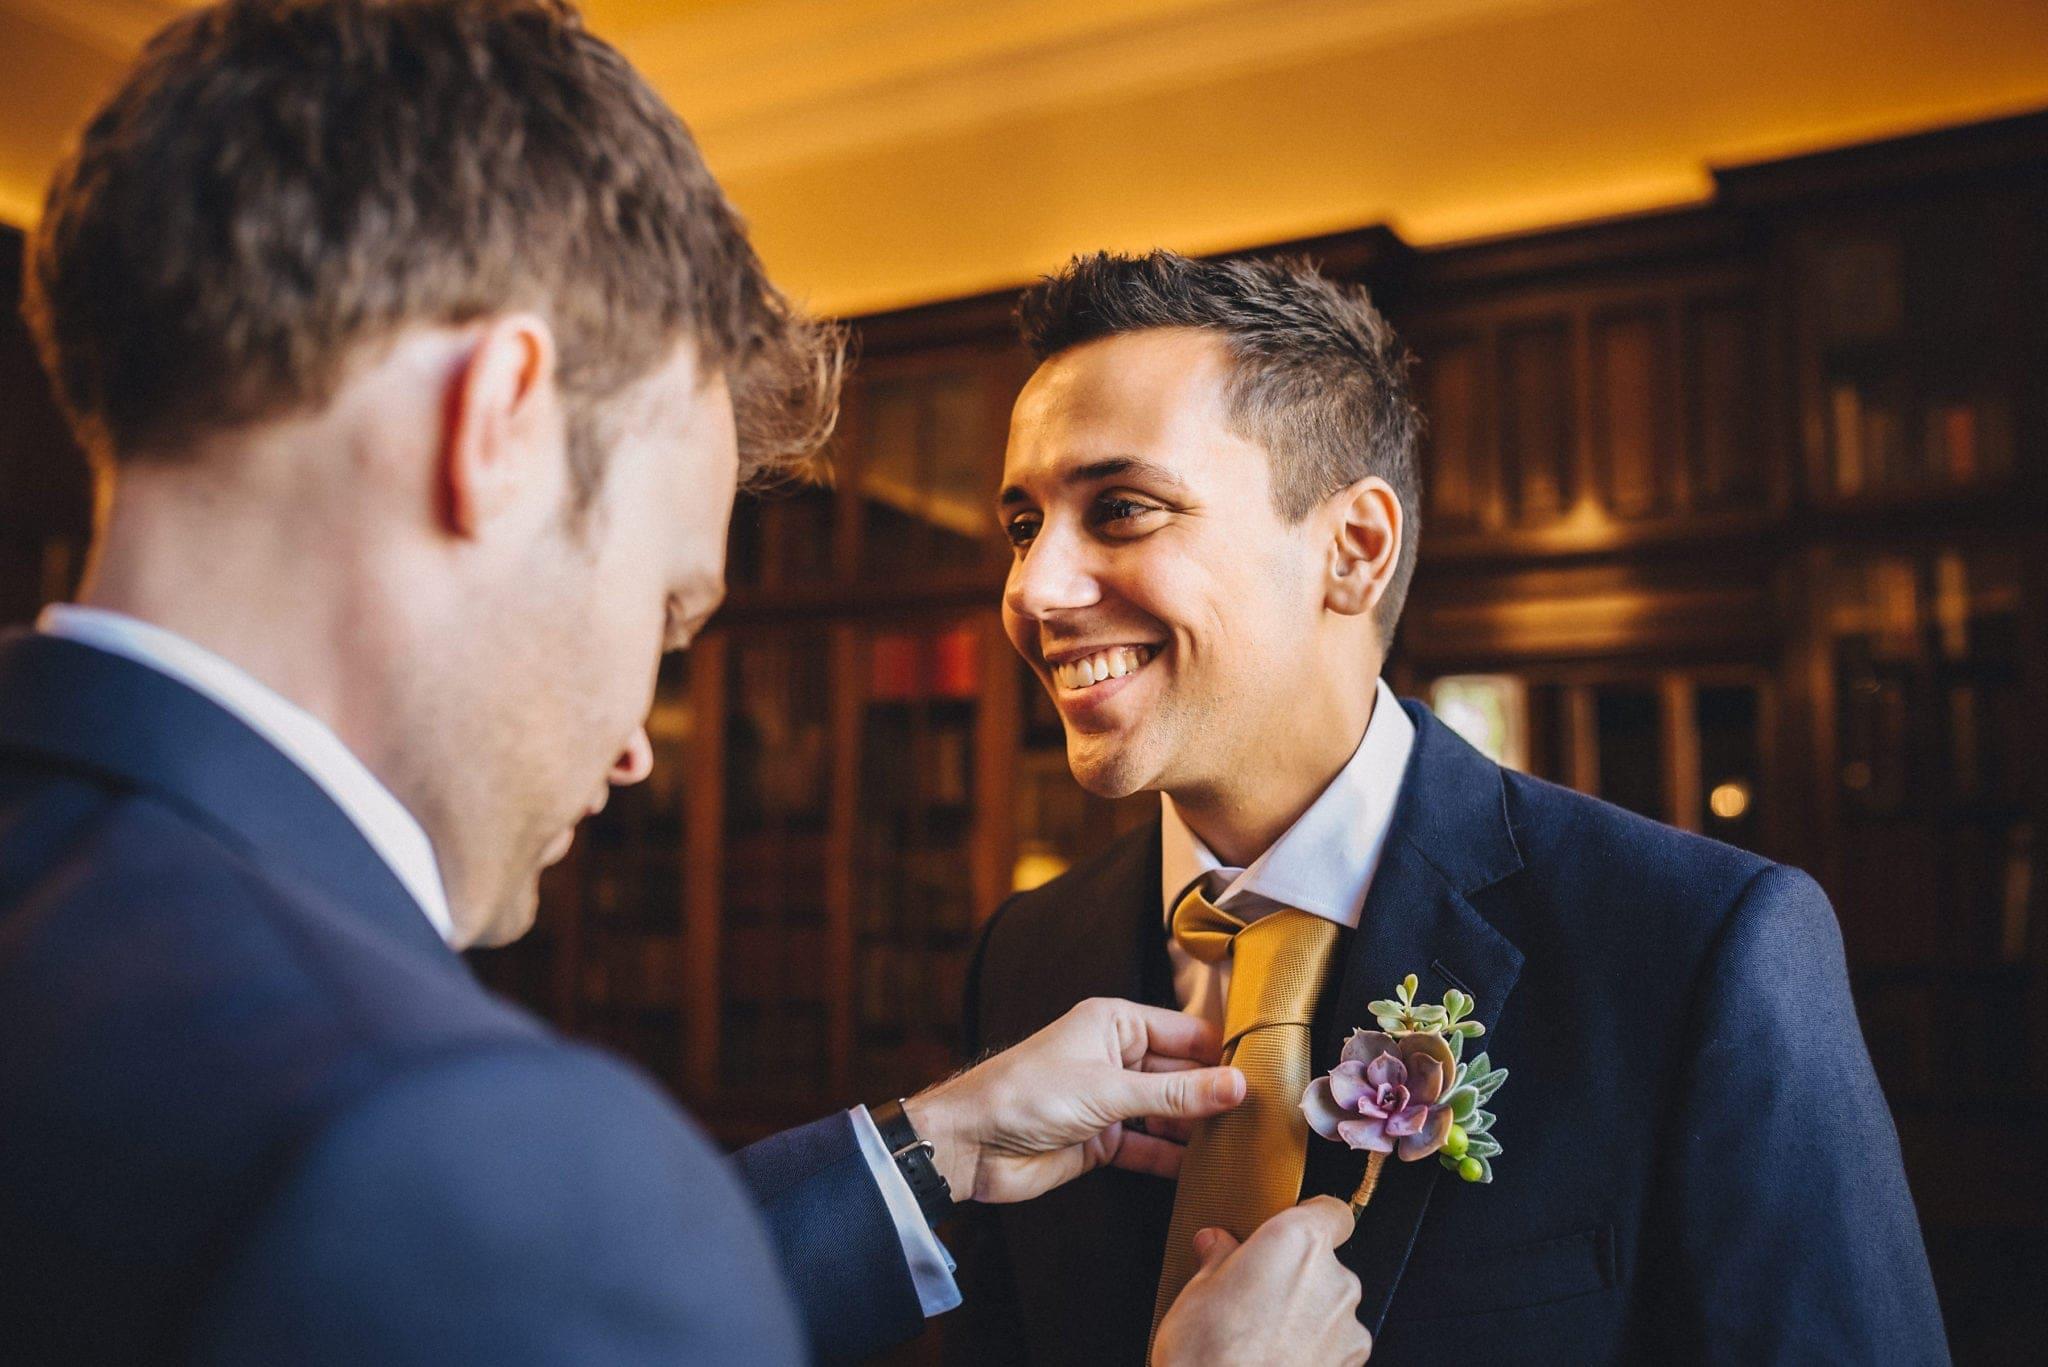 Groomsmen fastens groom's tie